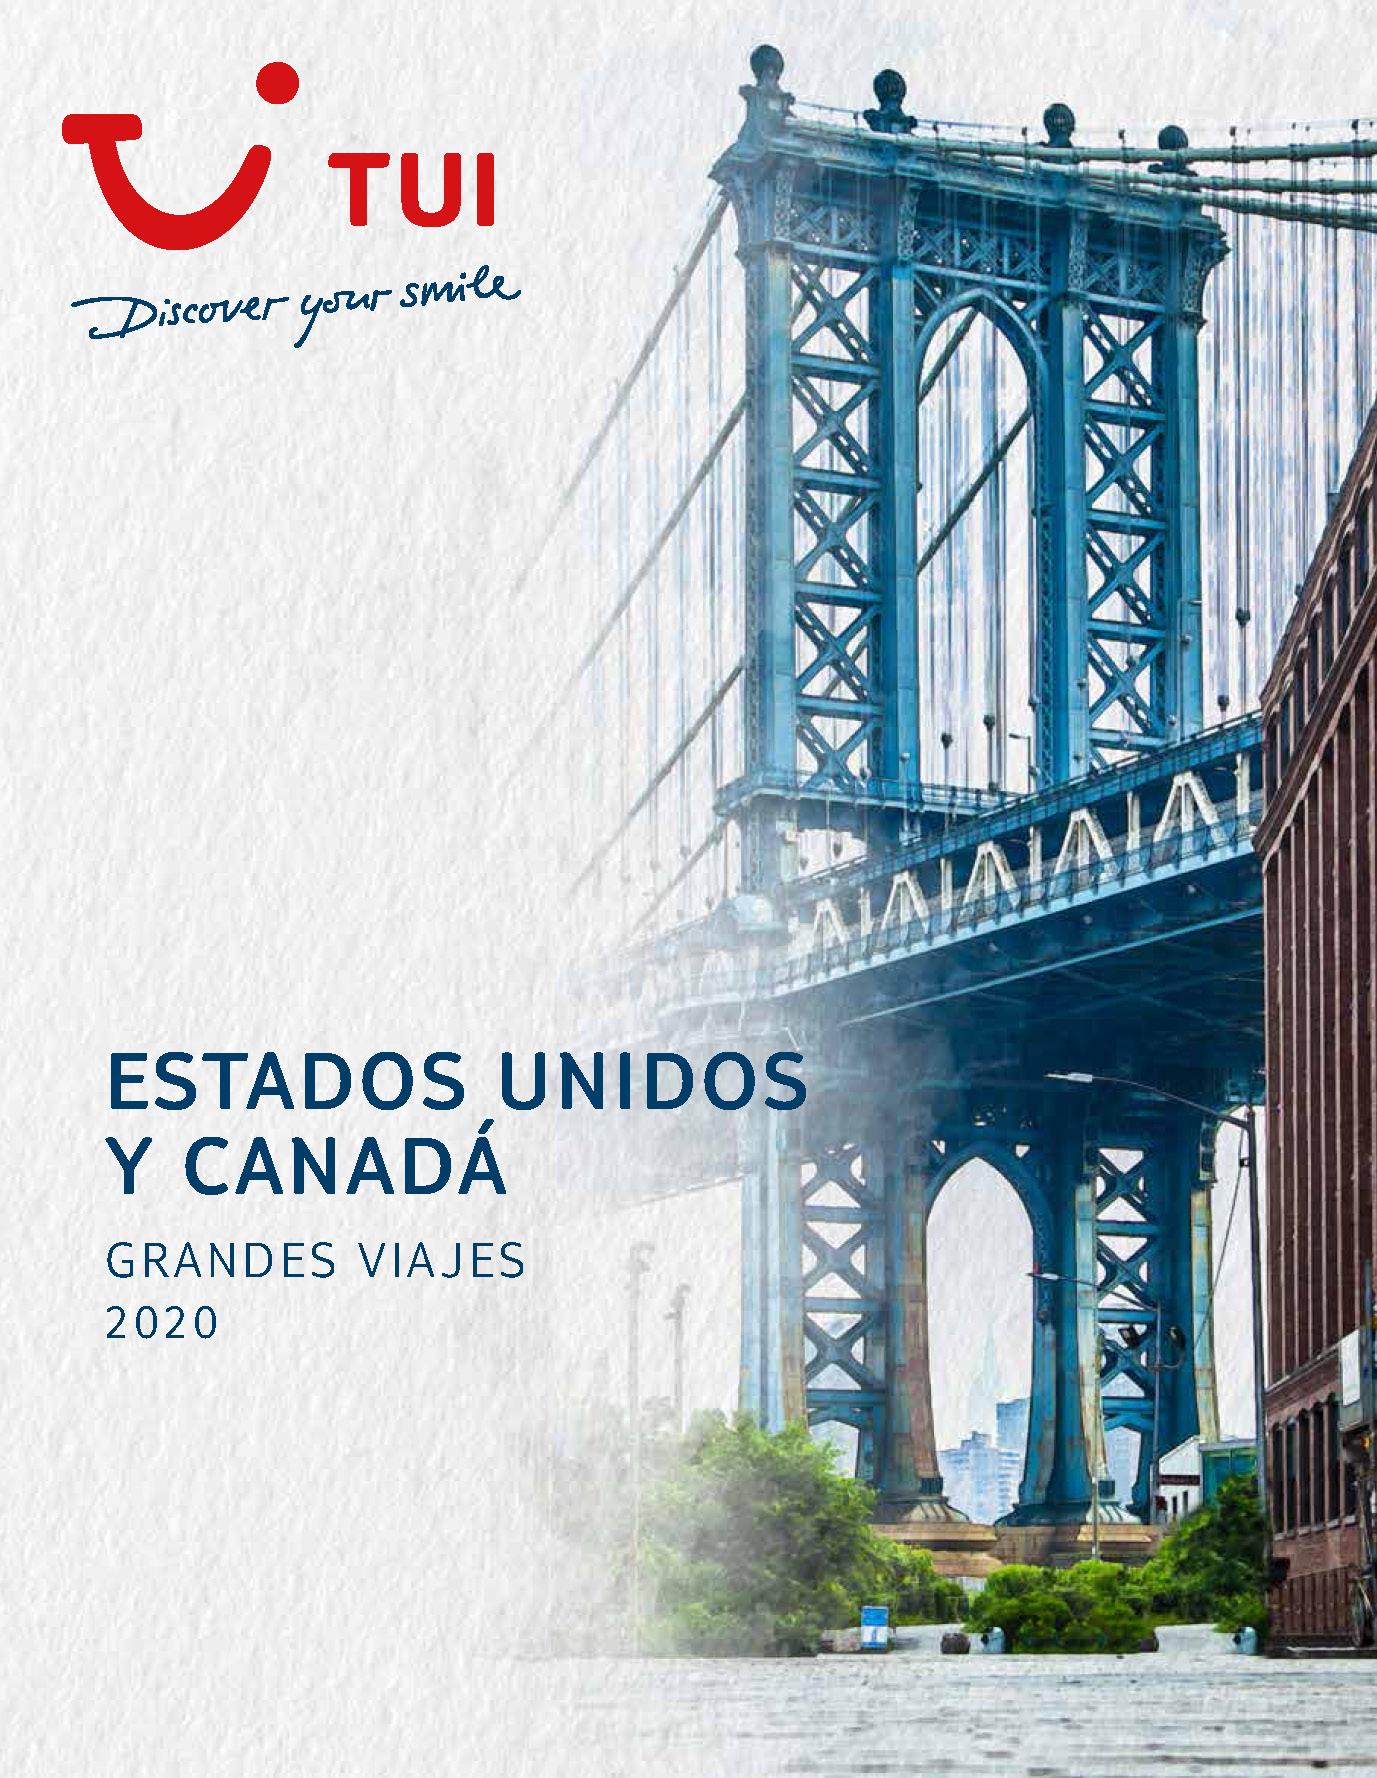 Catalogo TUI Estados Unidos y Canada 2020